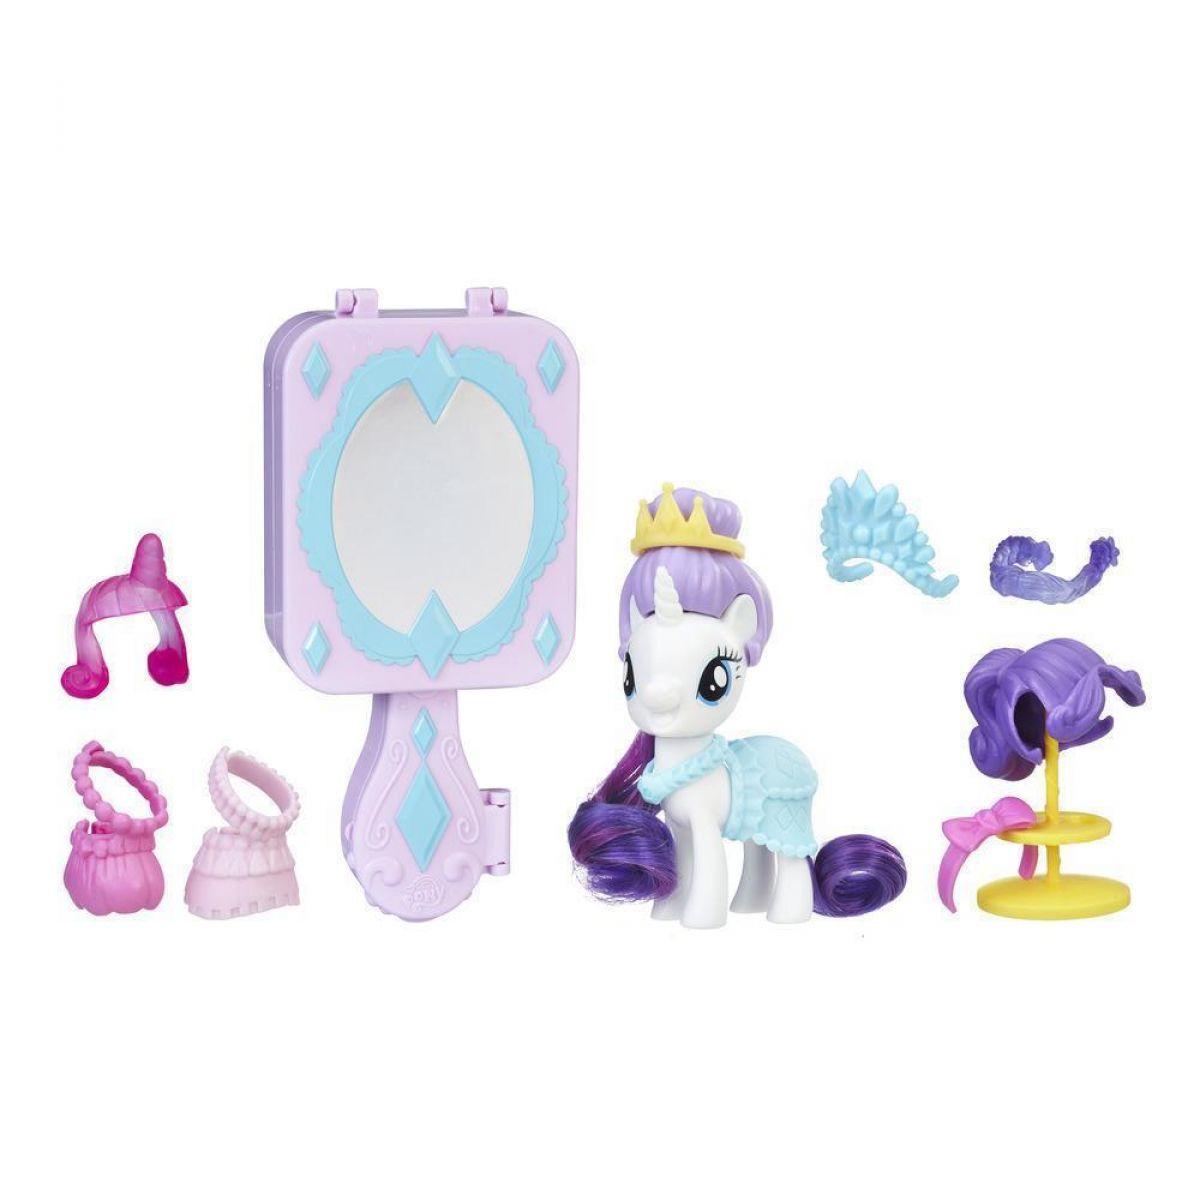 My Little Pony Pony přátelé hrací set zavírací Rarity